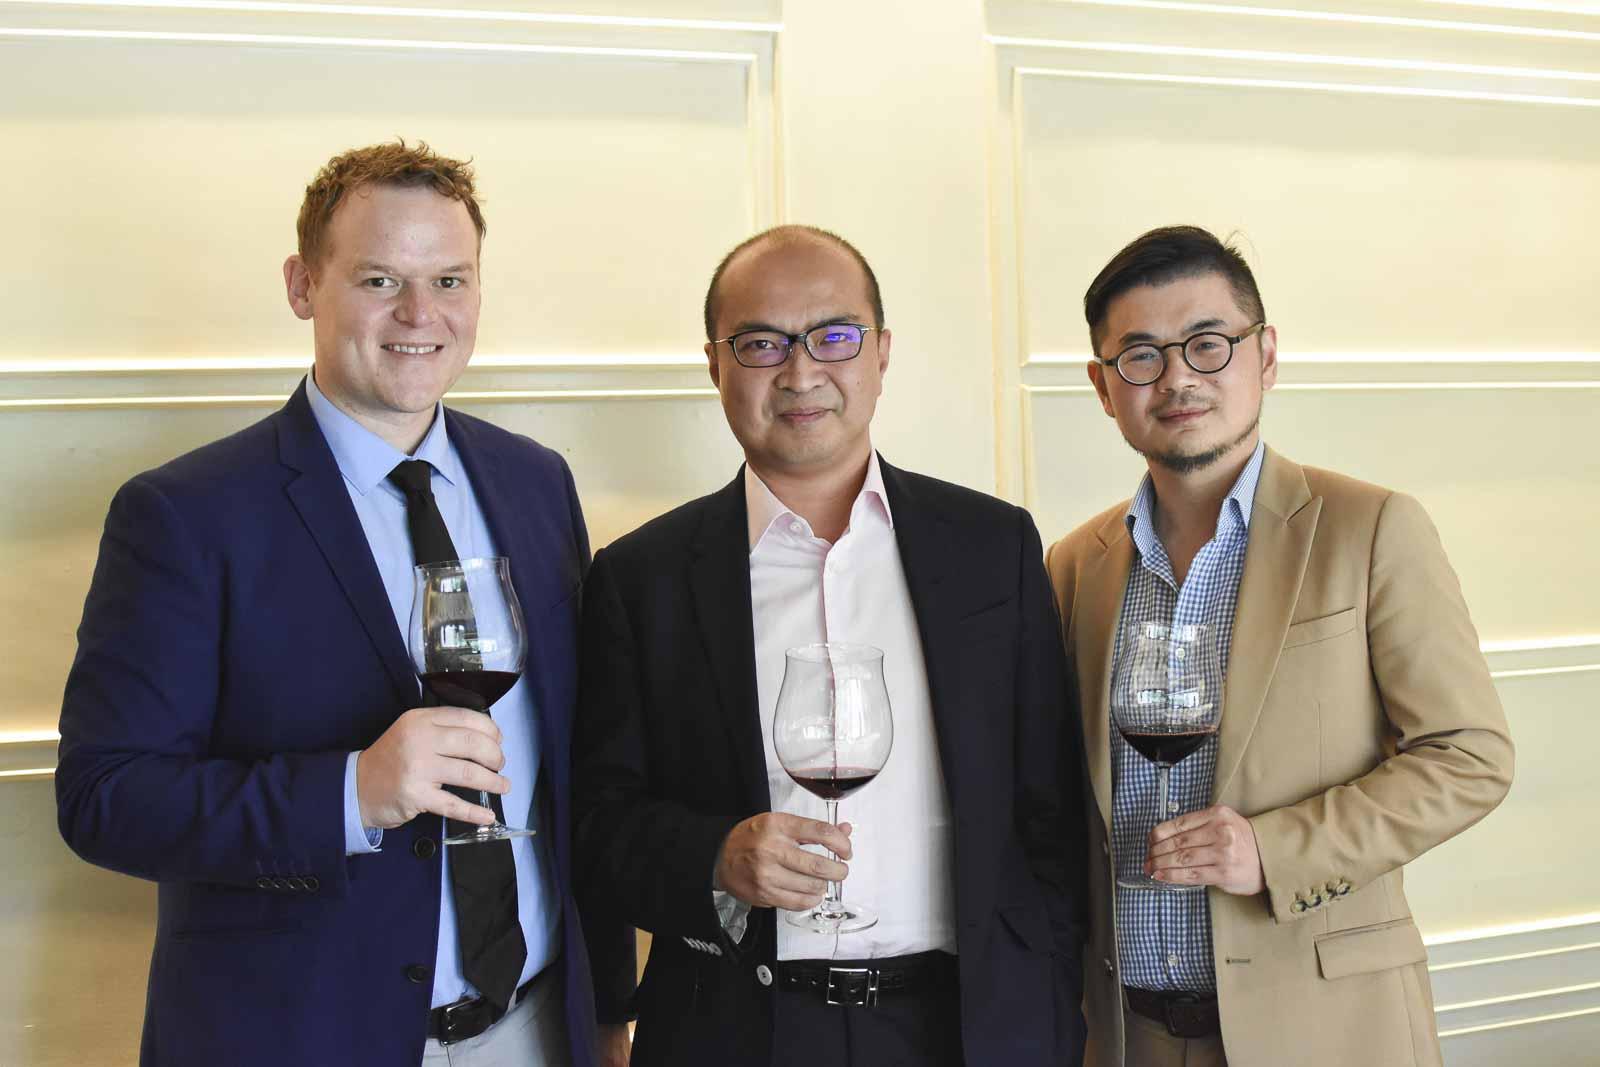 (由左起)MFWA行政總裁蓋博、麥廸森控股集團主席丁鵬雲及副主席朱欽